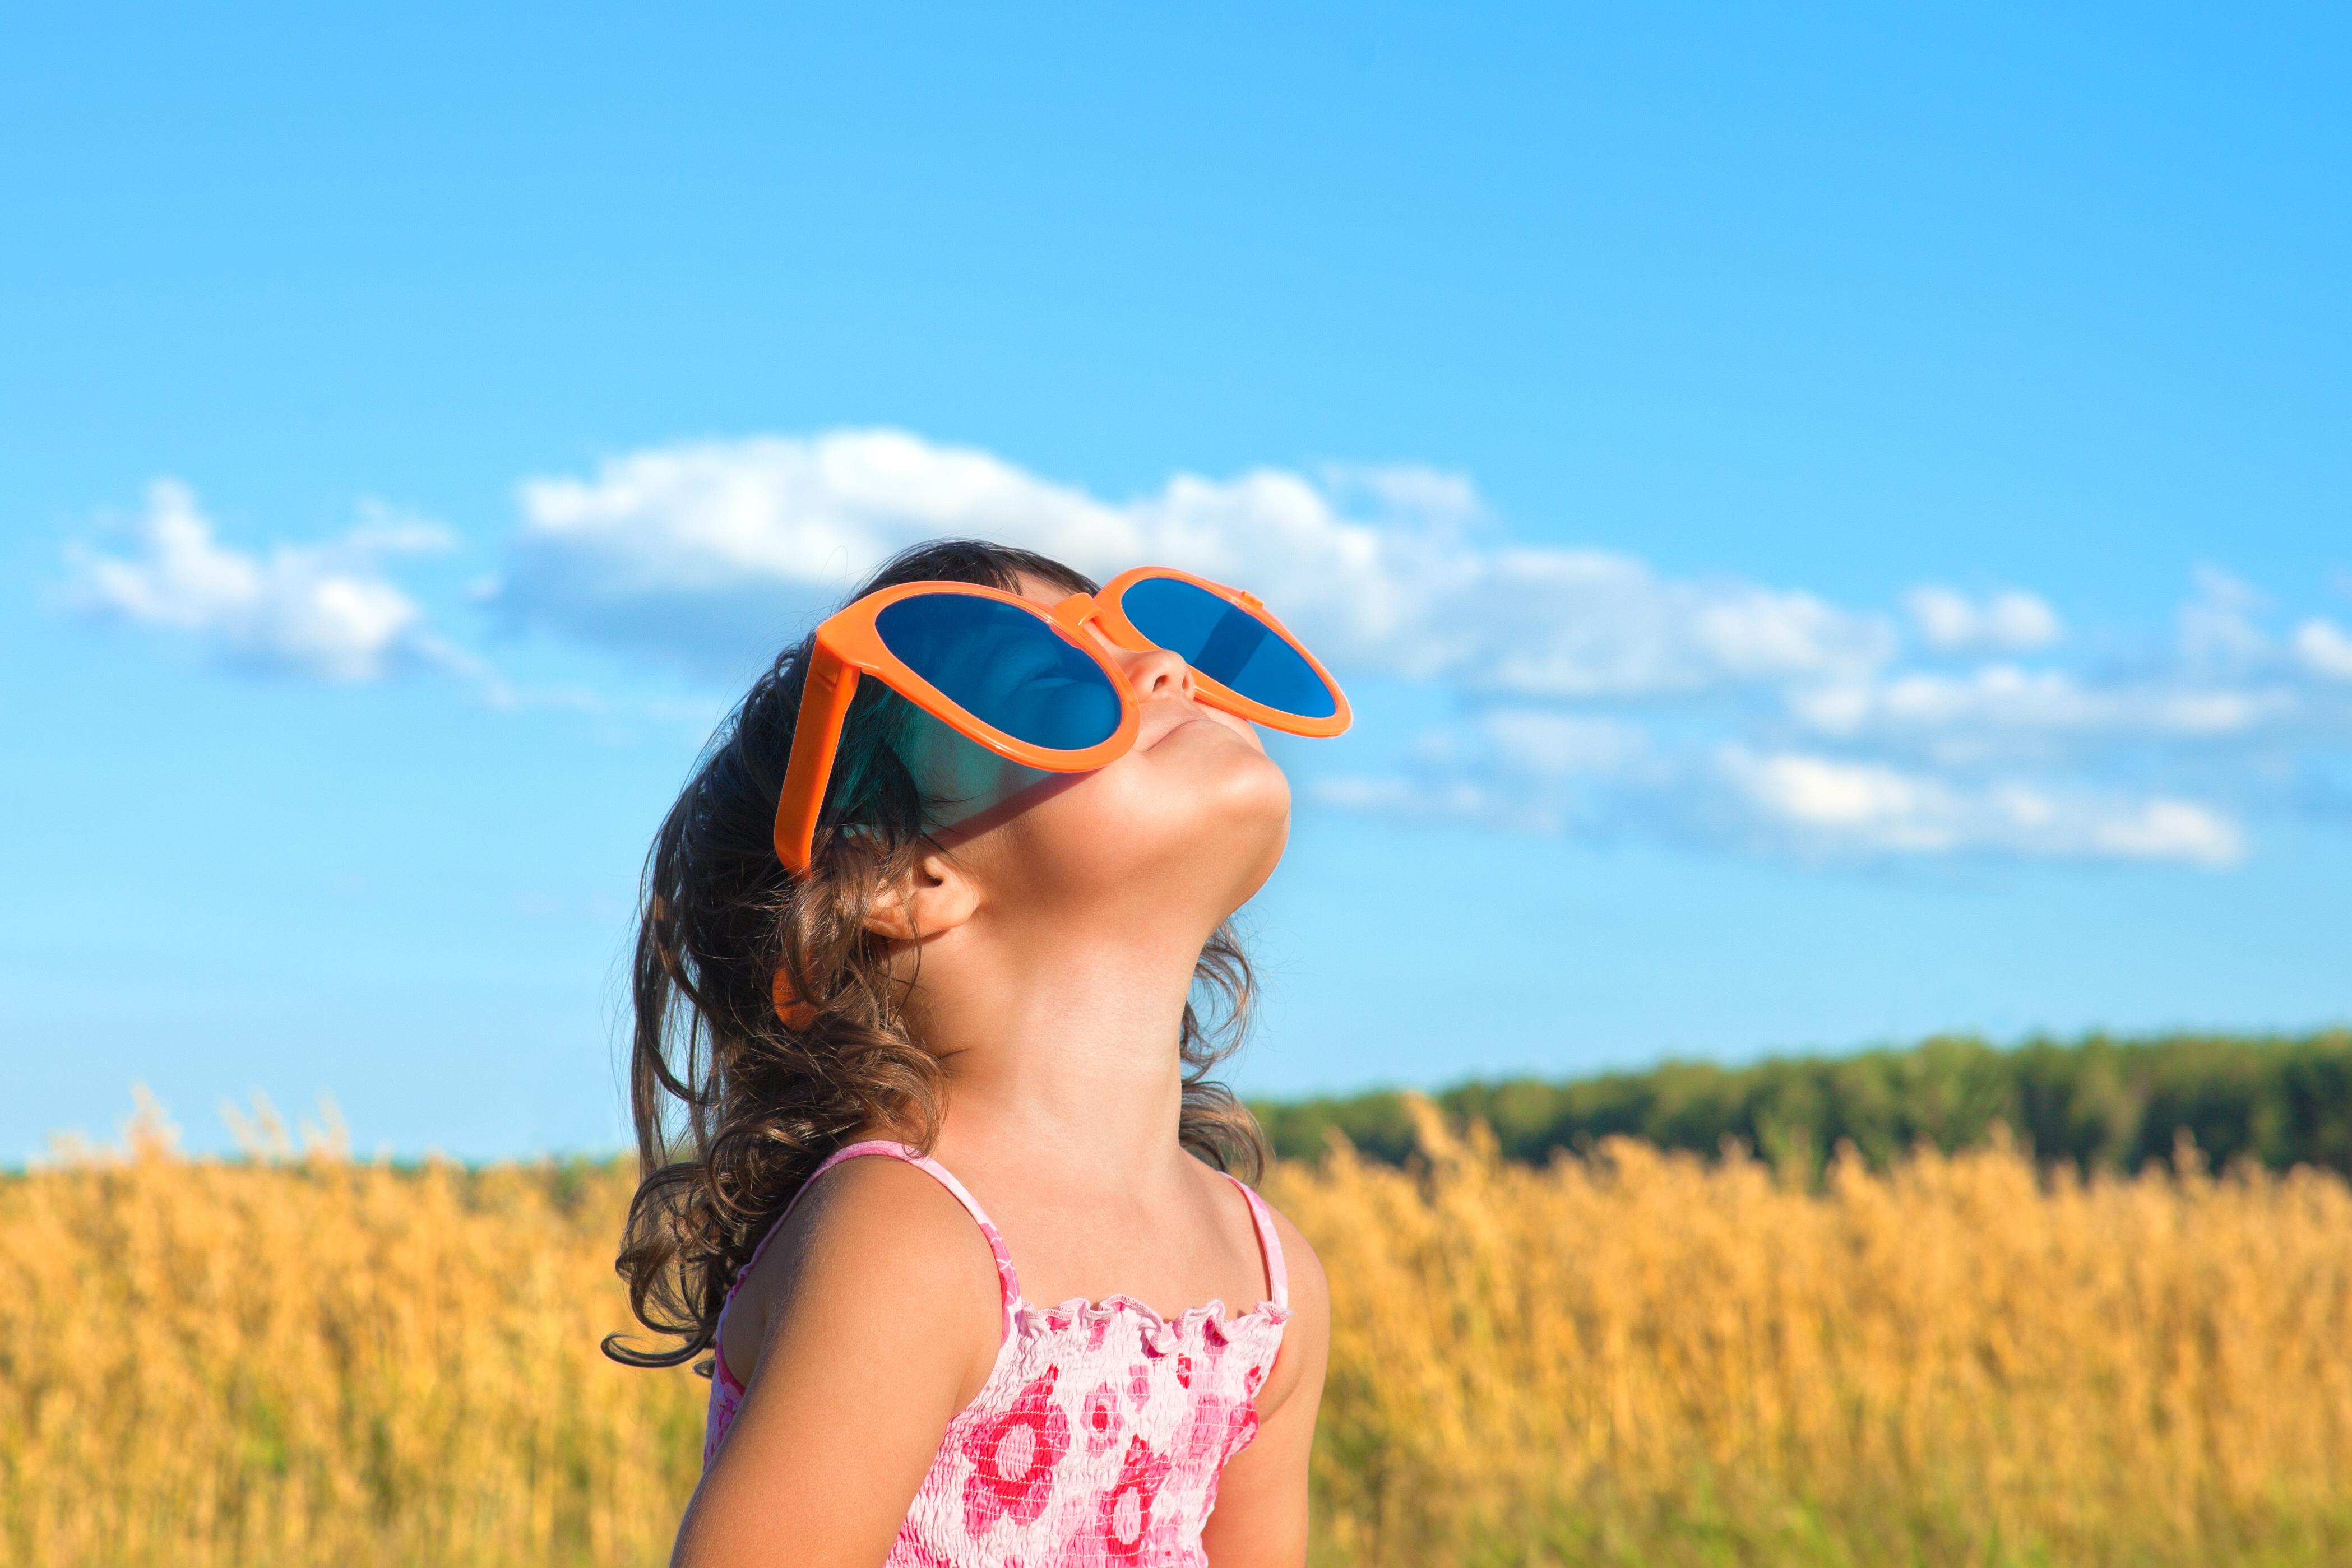 Bästa skyddet är solglasögon med UV-skydd. Trots det har nära fyra av tio svenskar inte för vana att använda solglasögon en solig sommardag.